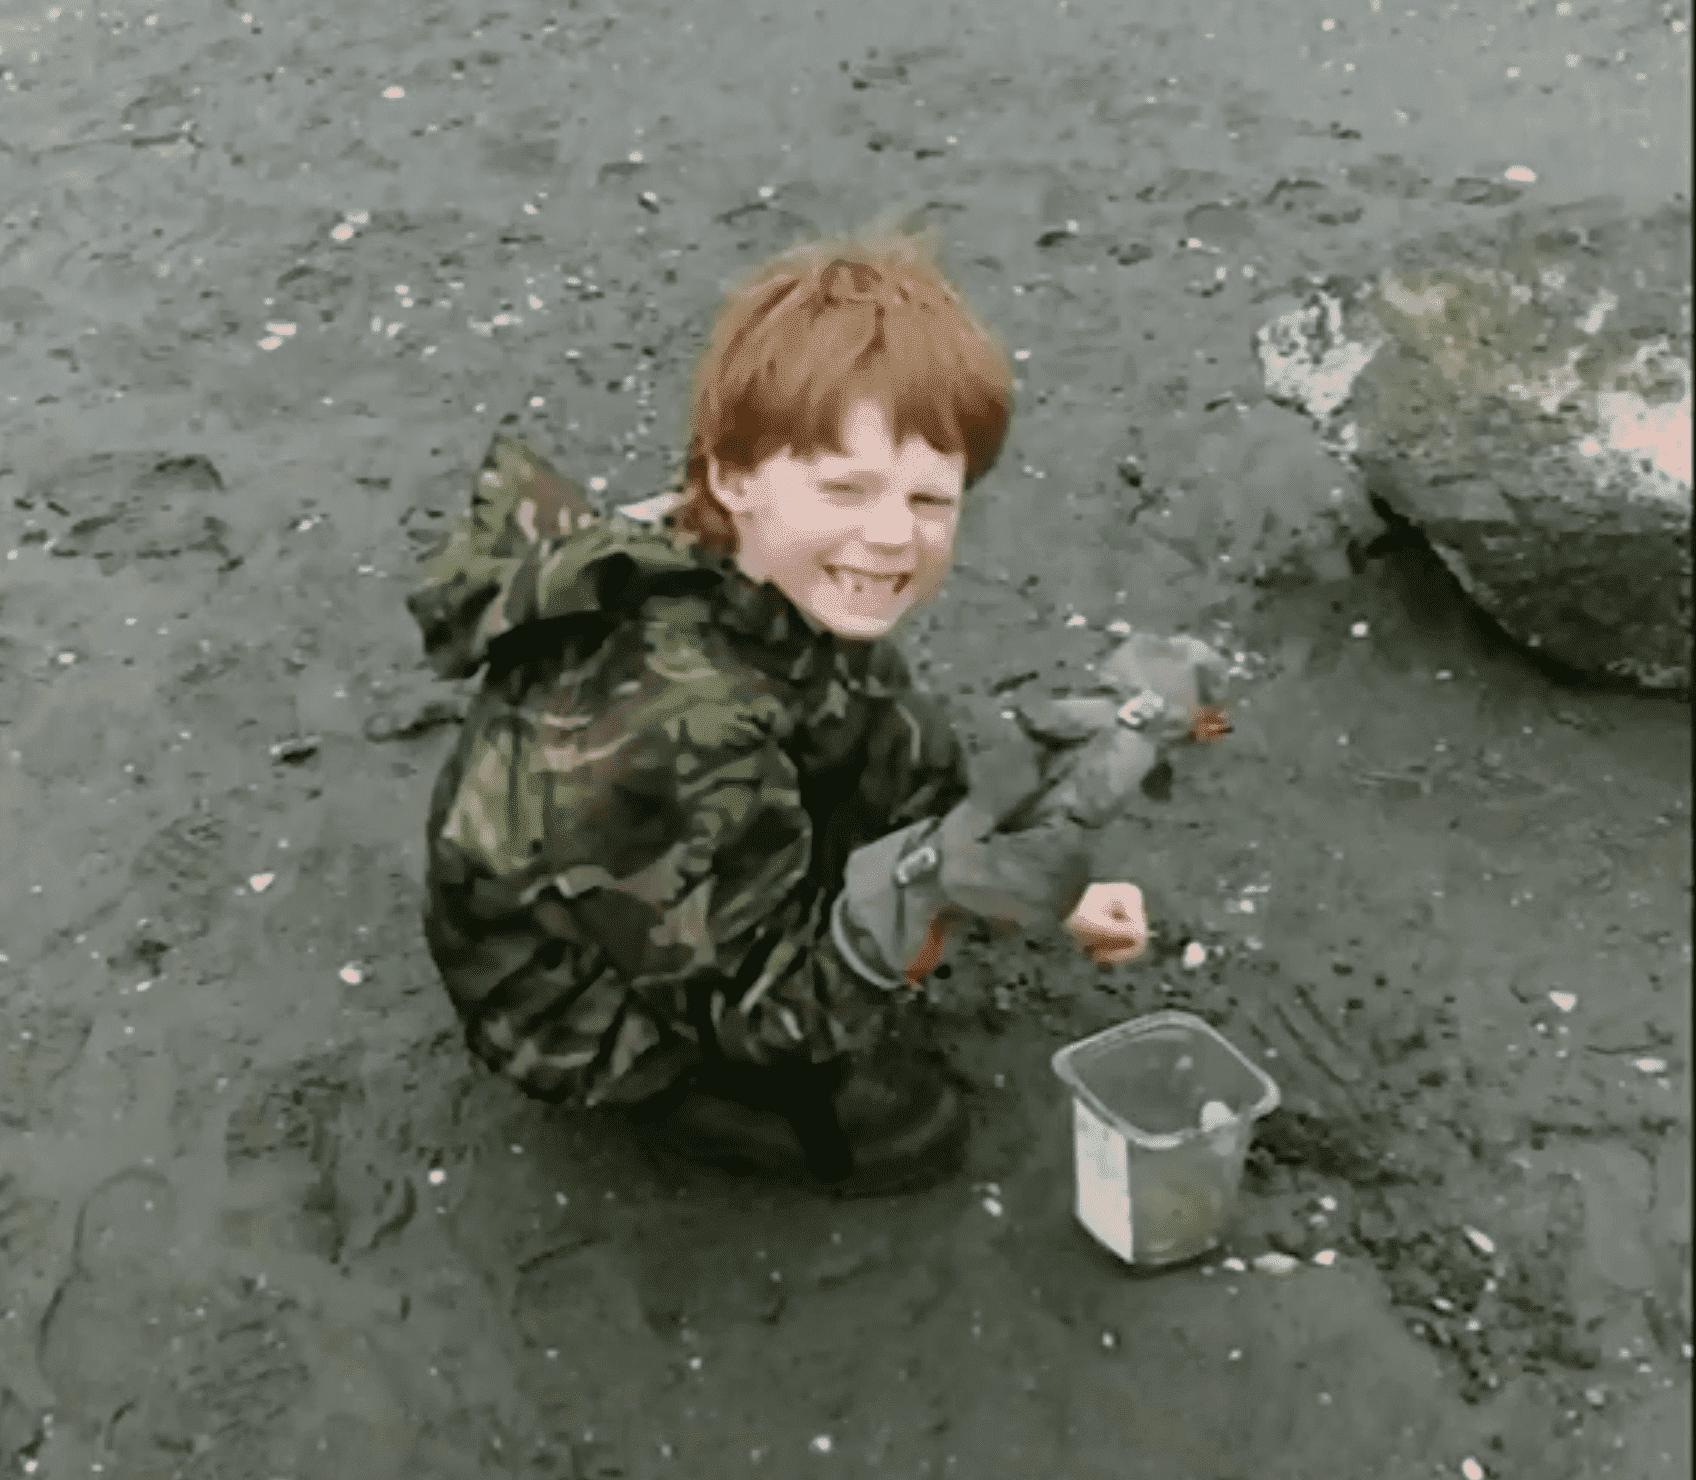 Der kleine Sohn lächelt in die Kamera | Quelle: CTVNEWS